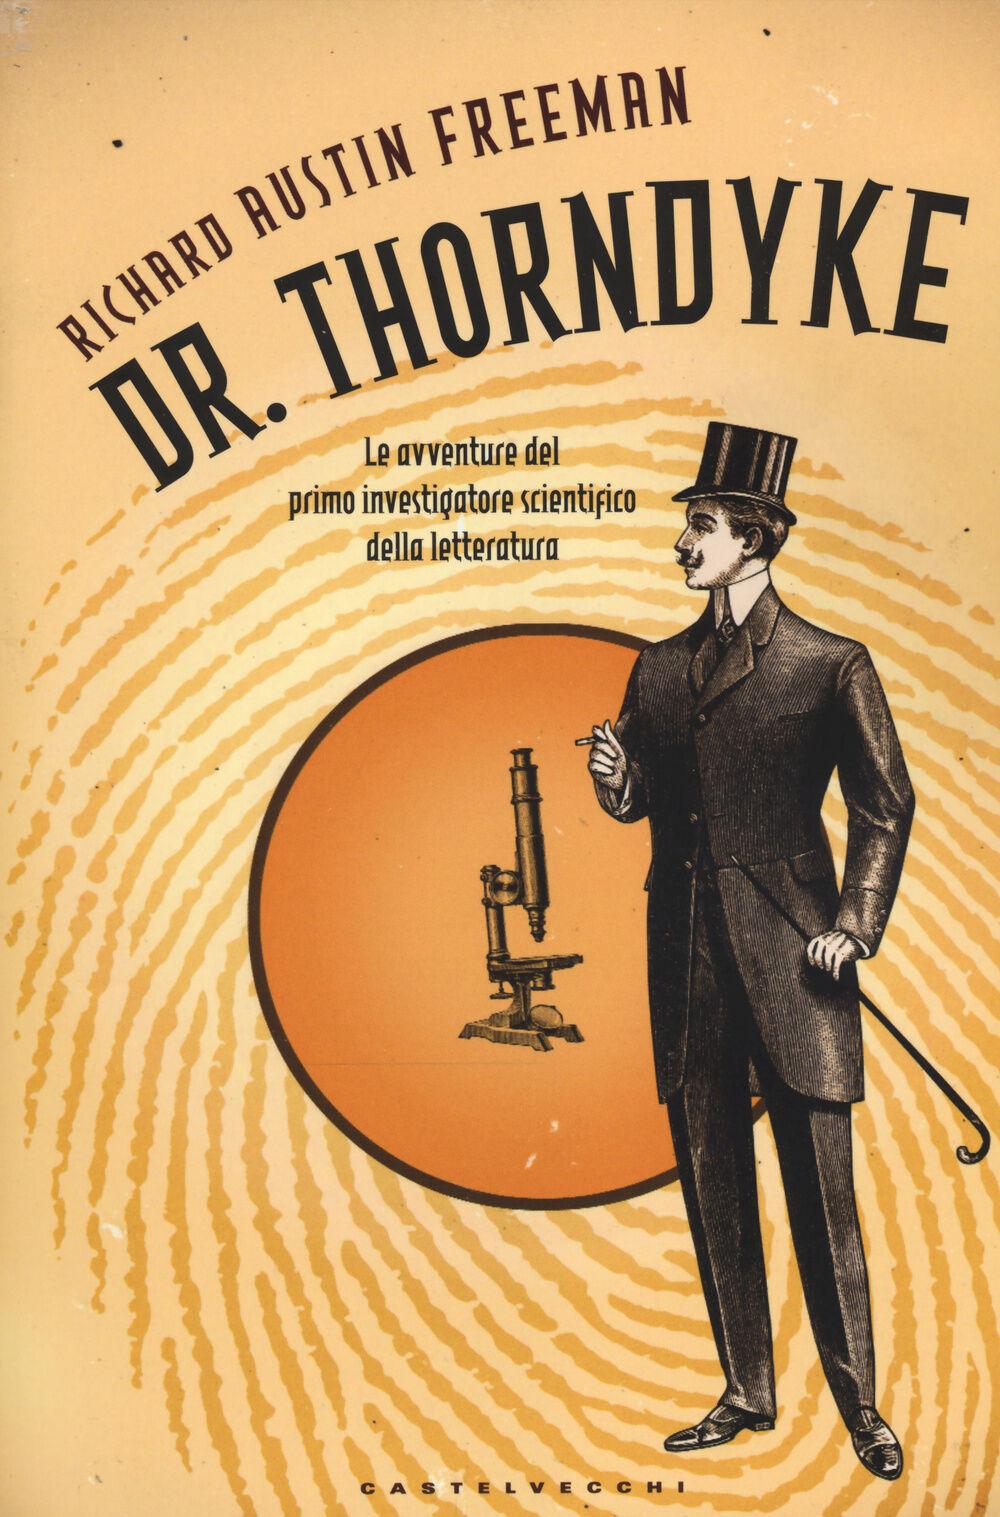 Dr. Thorndyke. Le avventure del primo investigatore scientifico della letteratura